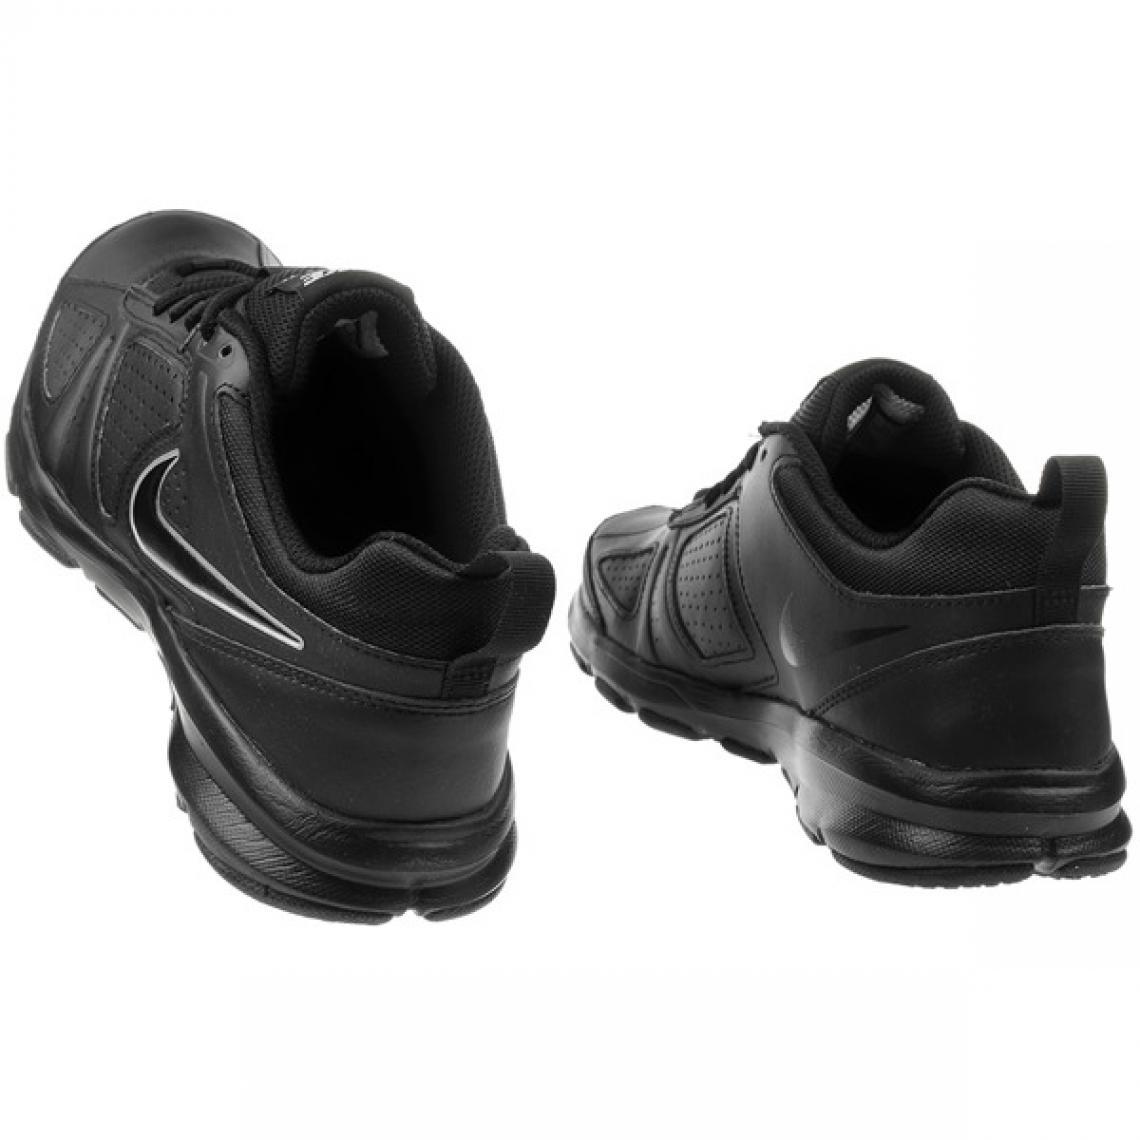 nouvelle arrivee 16cac 17967 Chaussure de course à lacet Nike homme - Noir | 3 SUISSES